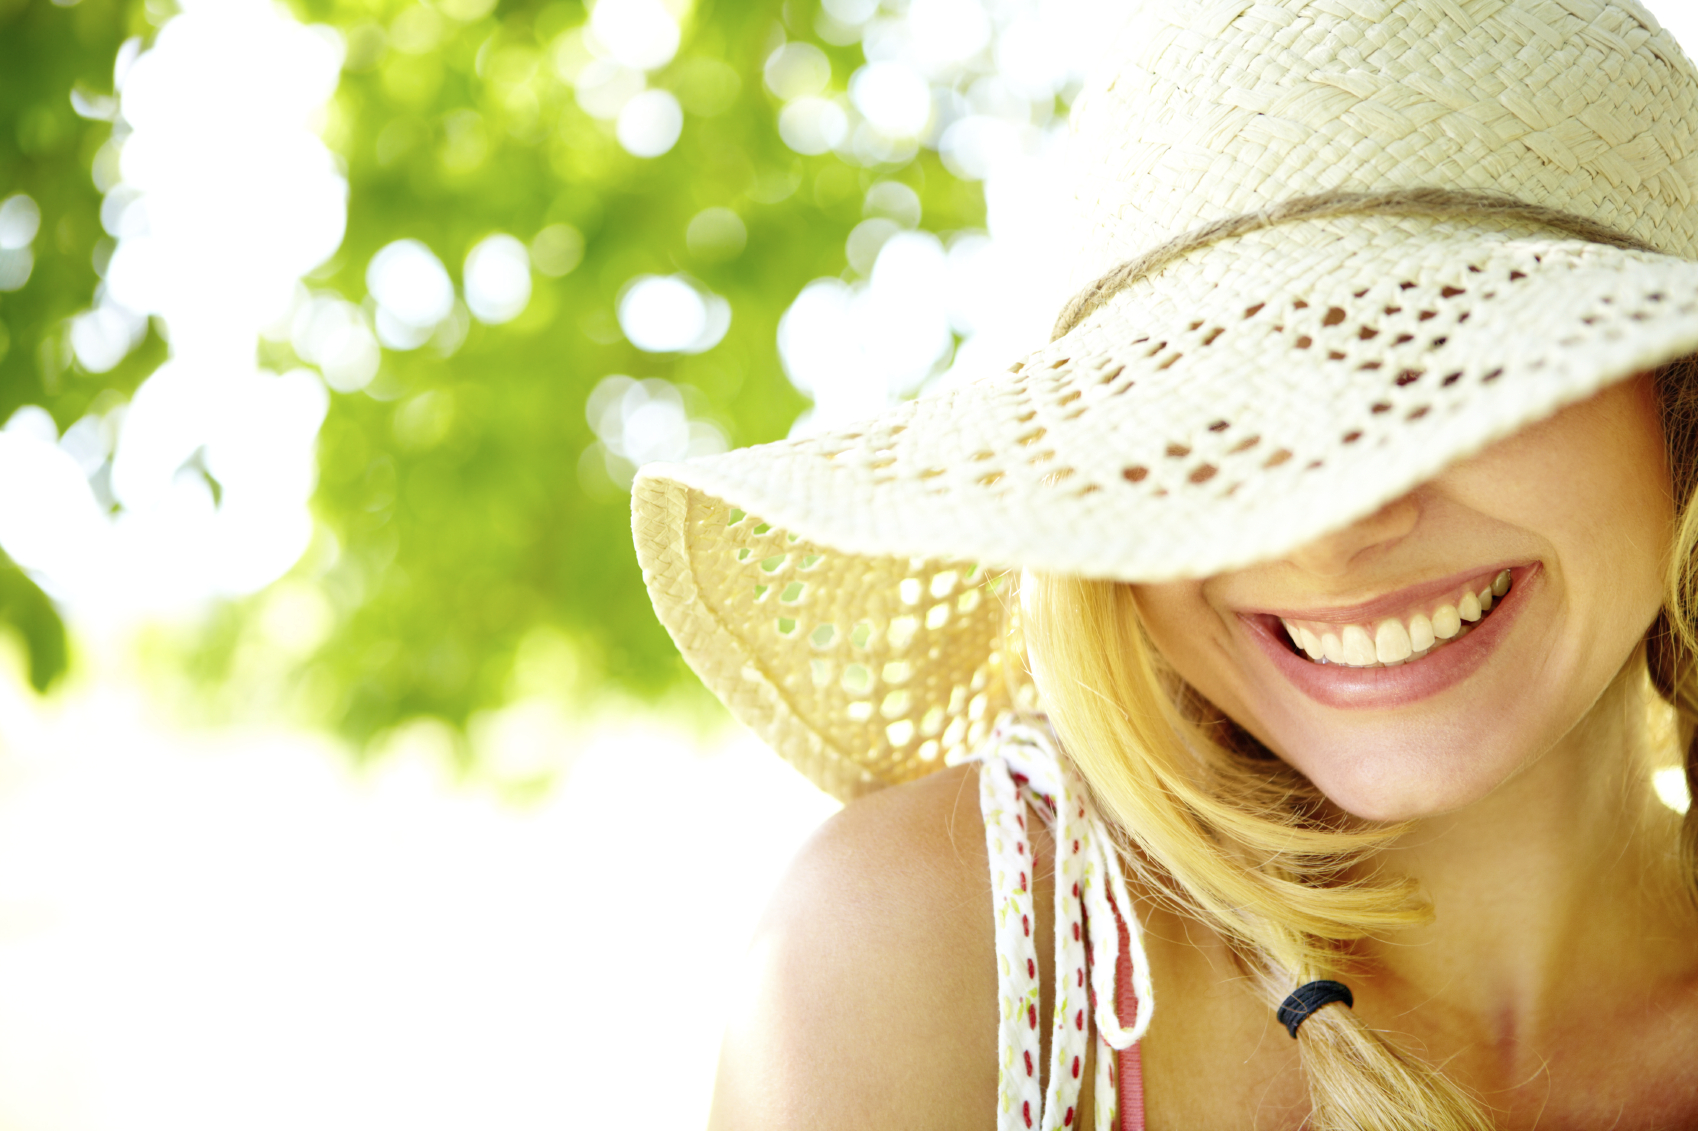 Sai quali rischi per la salute si corrono in estate? [QUIZ]